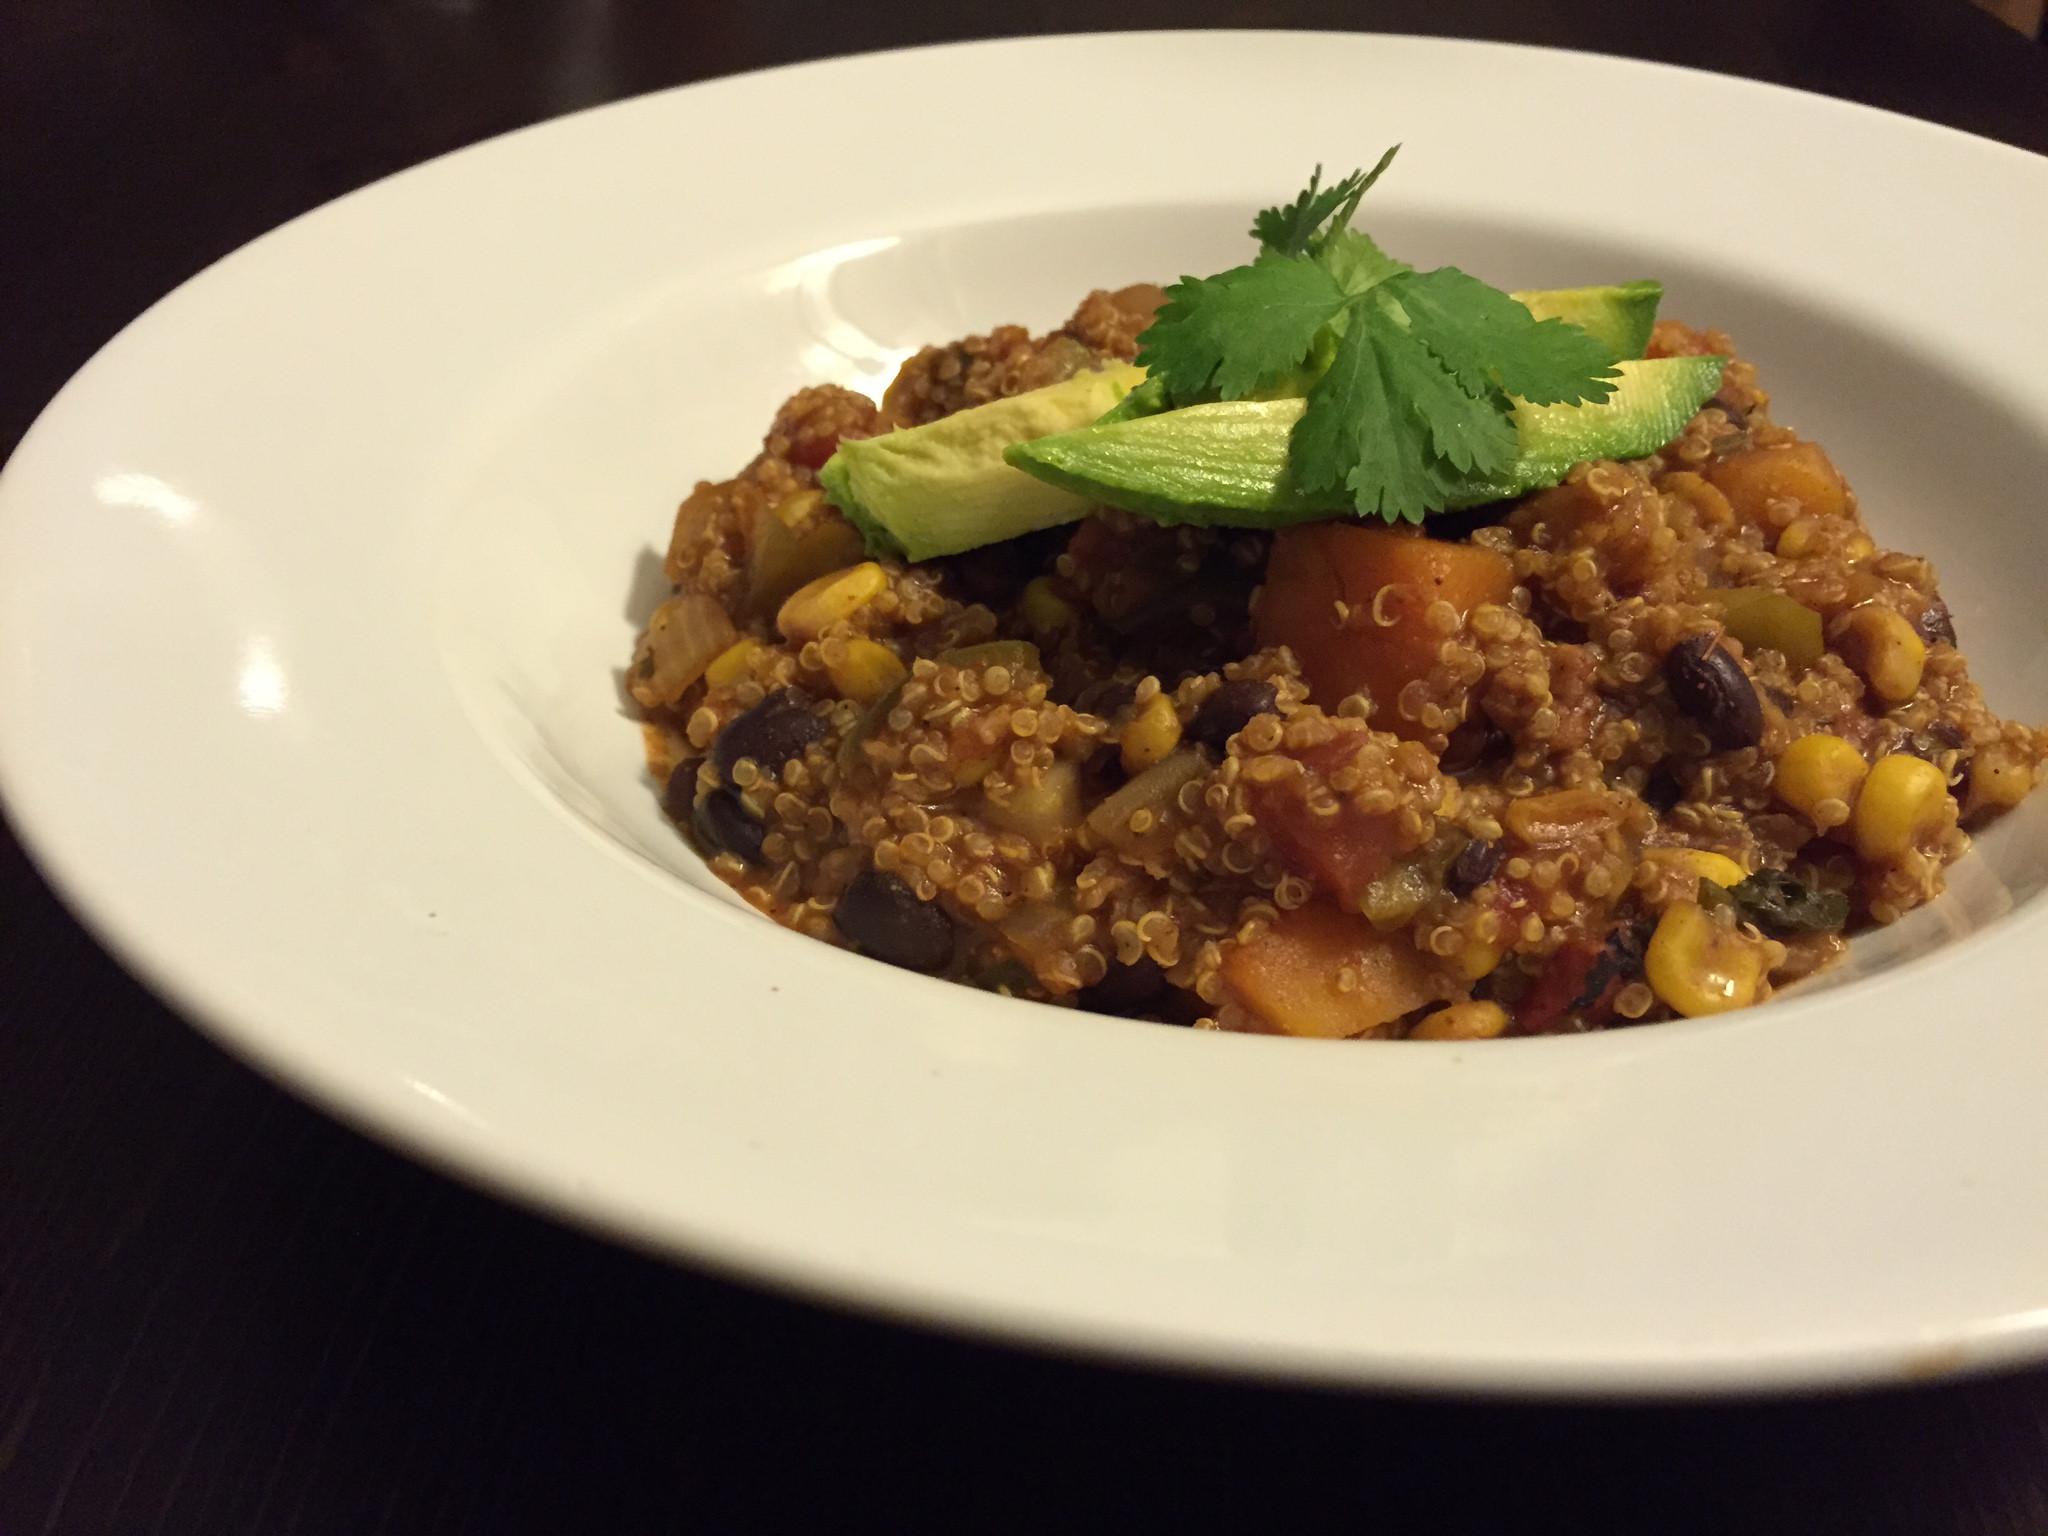 Healthy Mexican Crock Pot Recipes  Vegan Crock Pot Mexican Quinoa Recipe